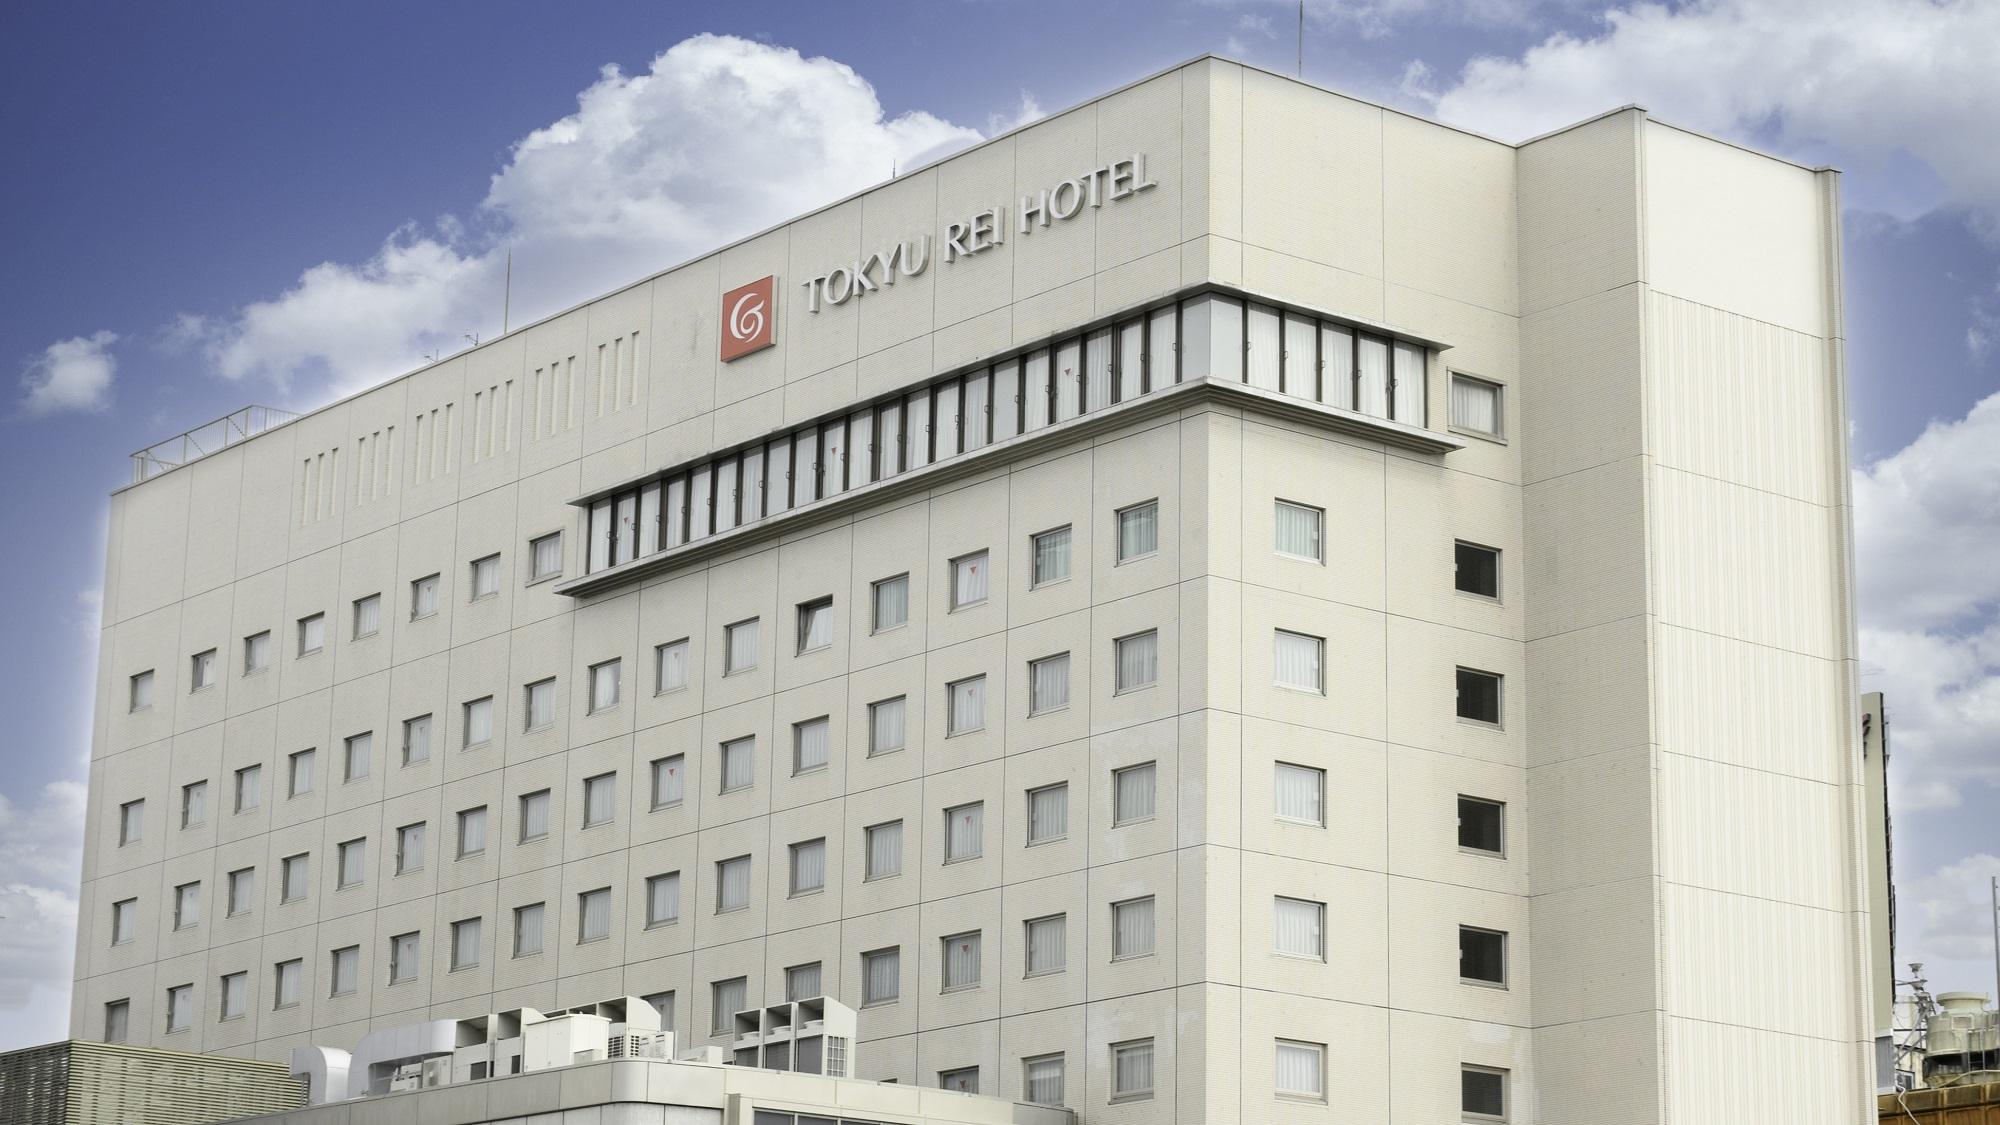 長野東急REIホテル image